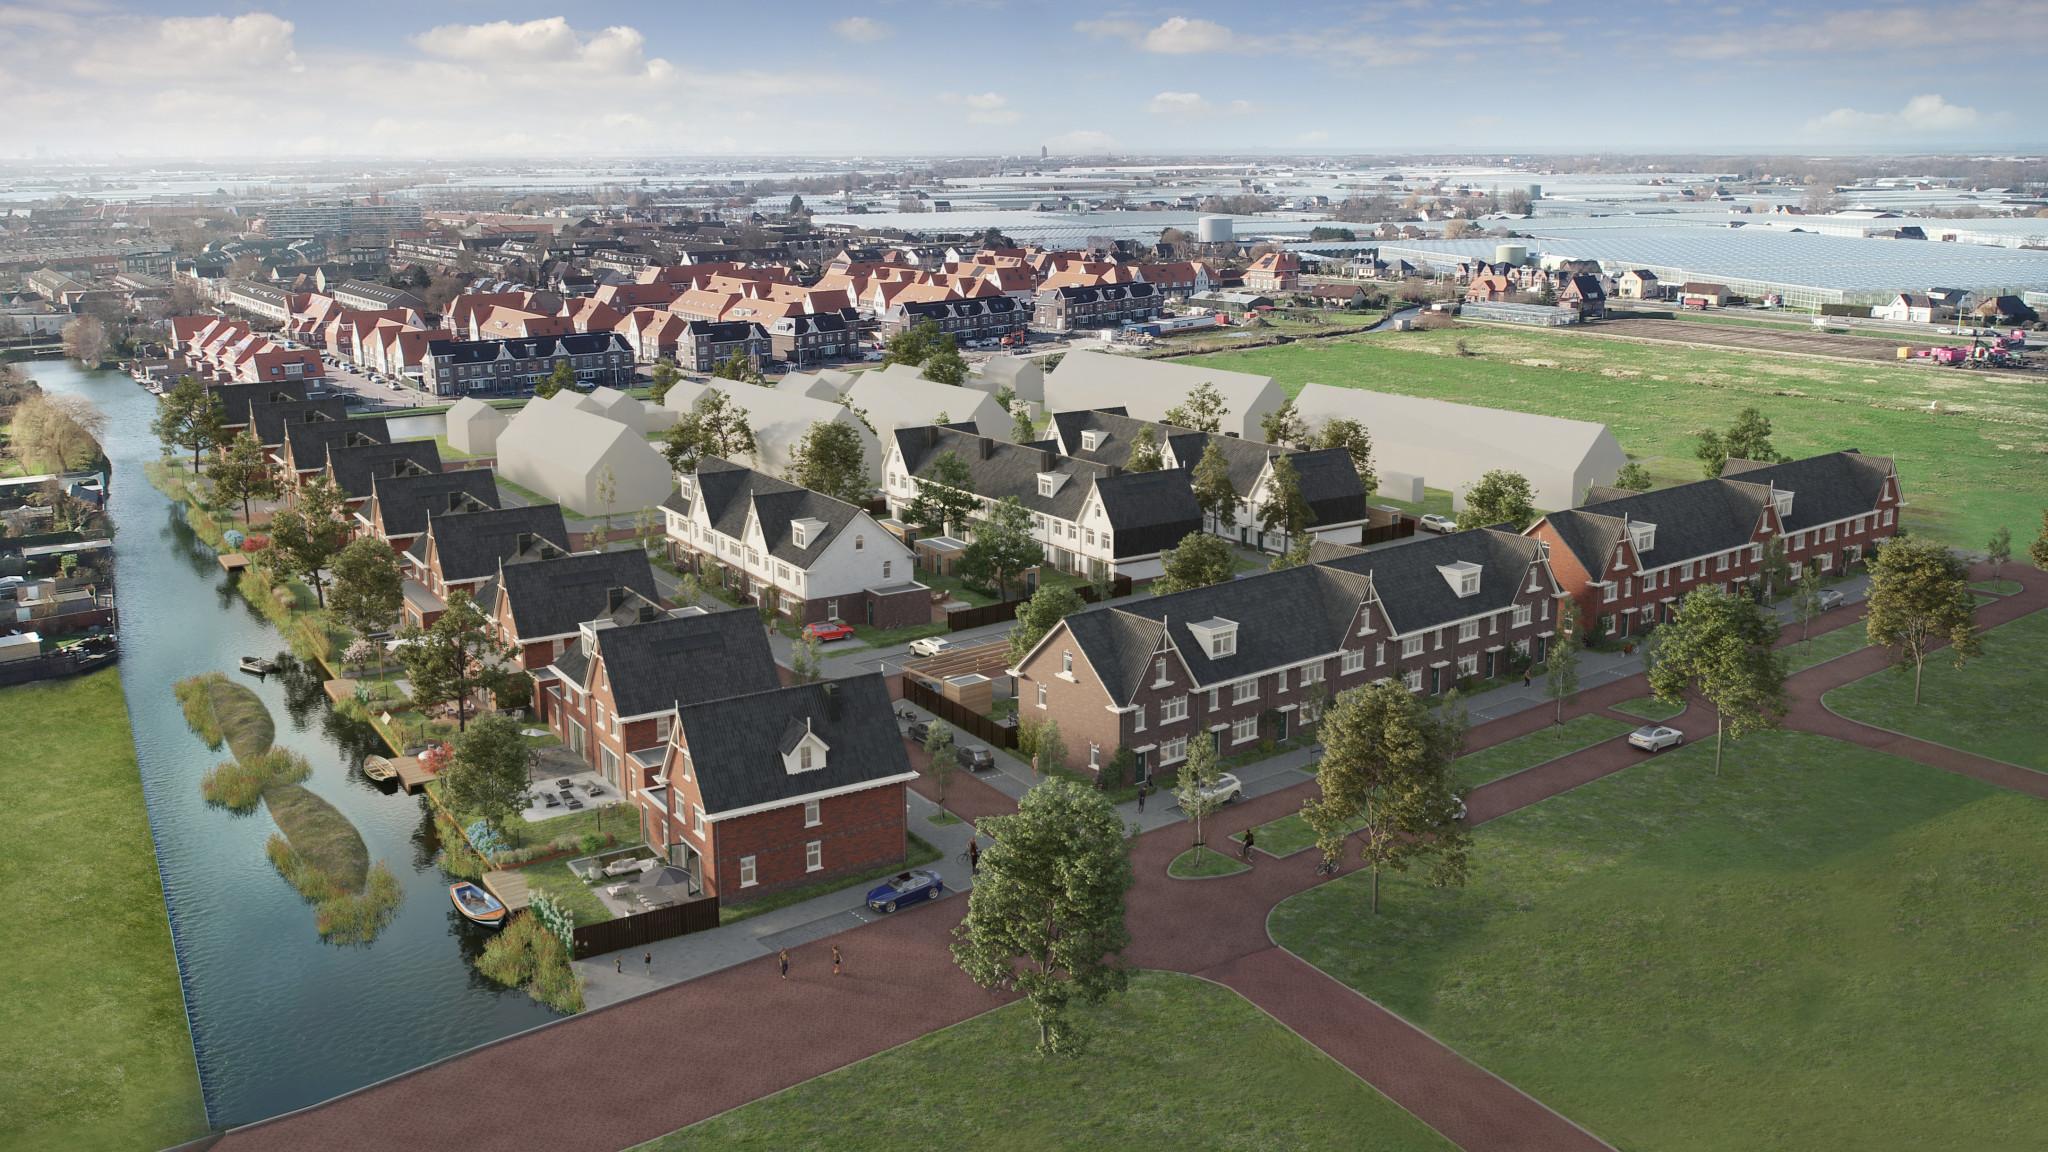 Groen licht voor 495 woningen innieuwe wijk Poeldijkerhout